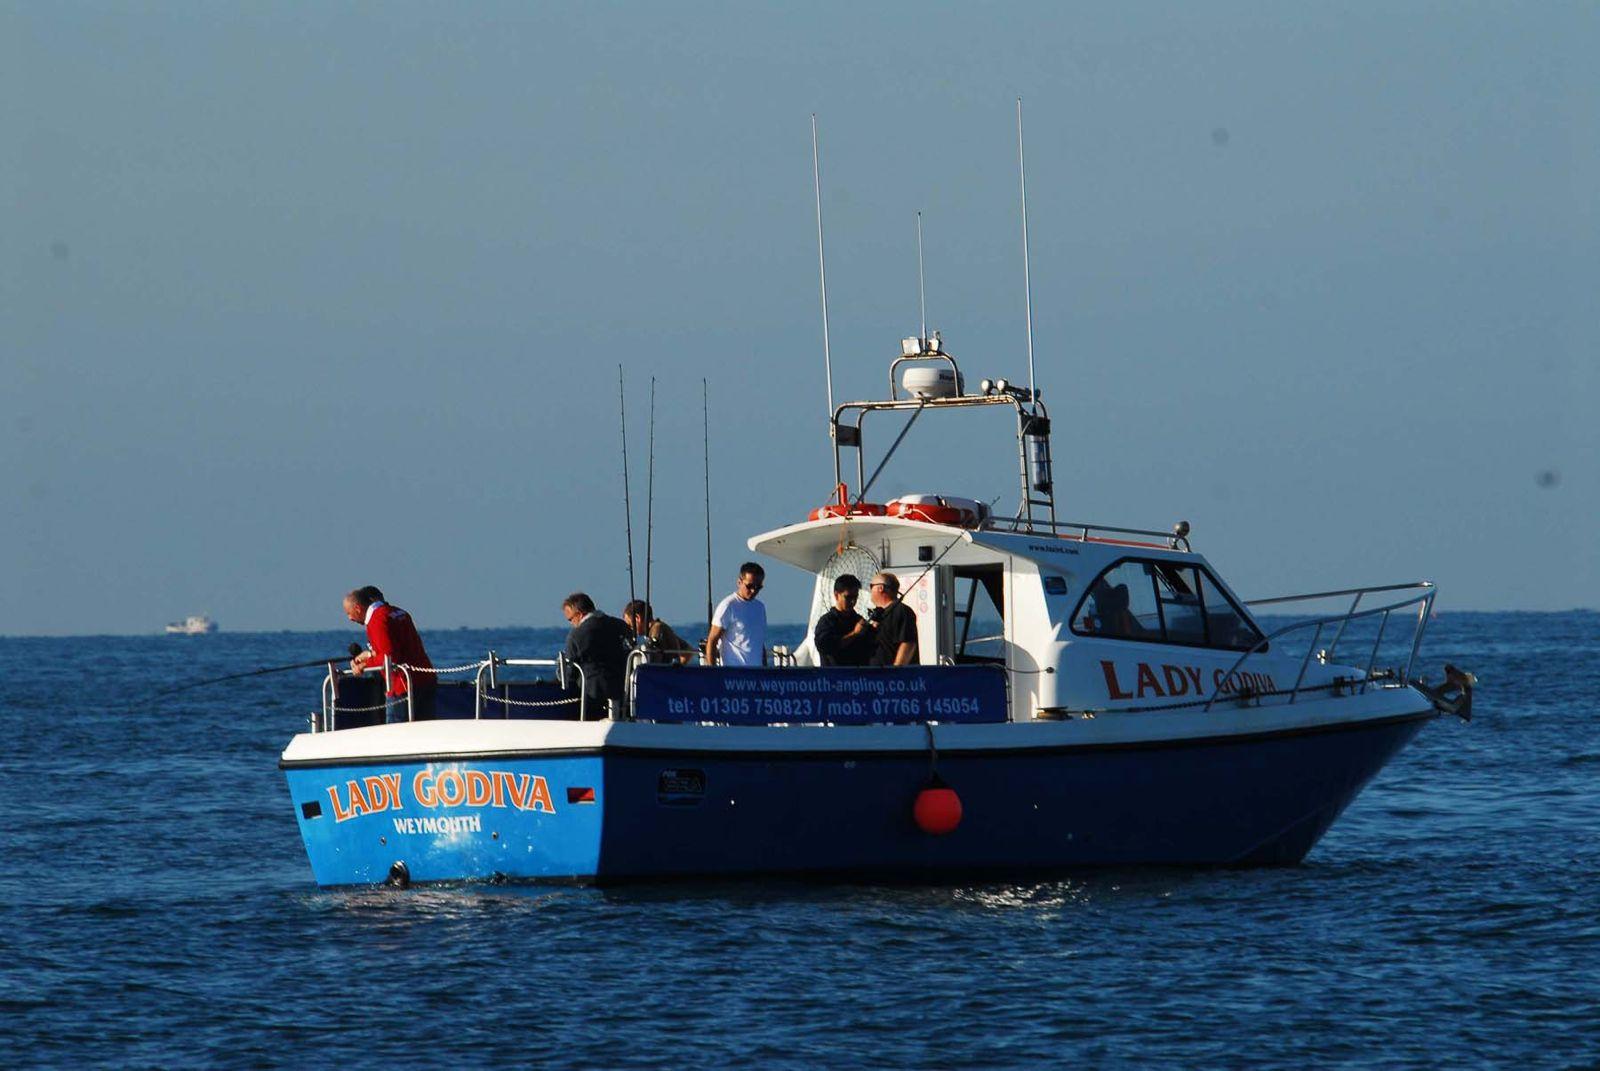 Аренда судна для морской рыбалки в Териберке